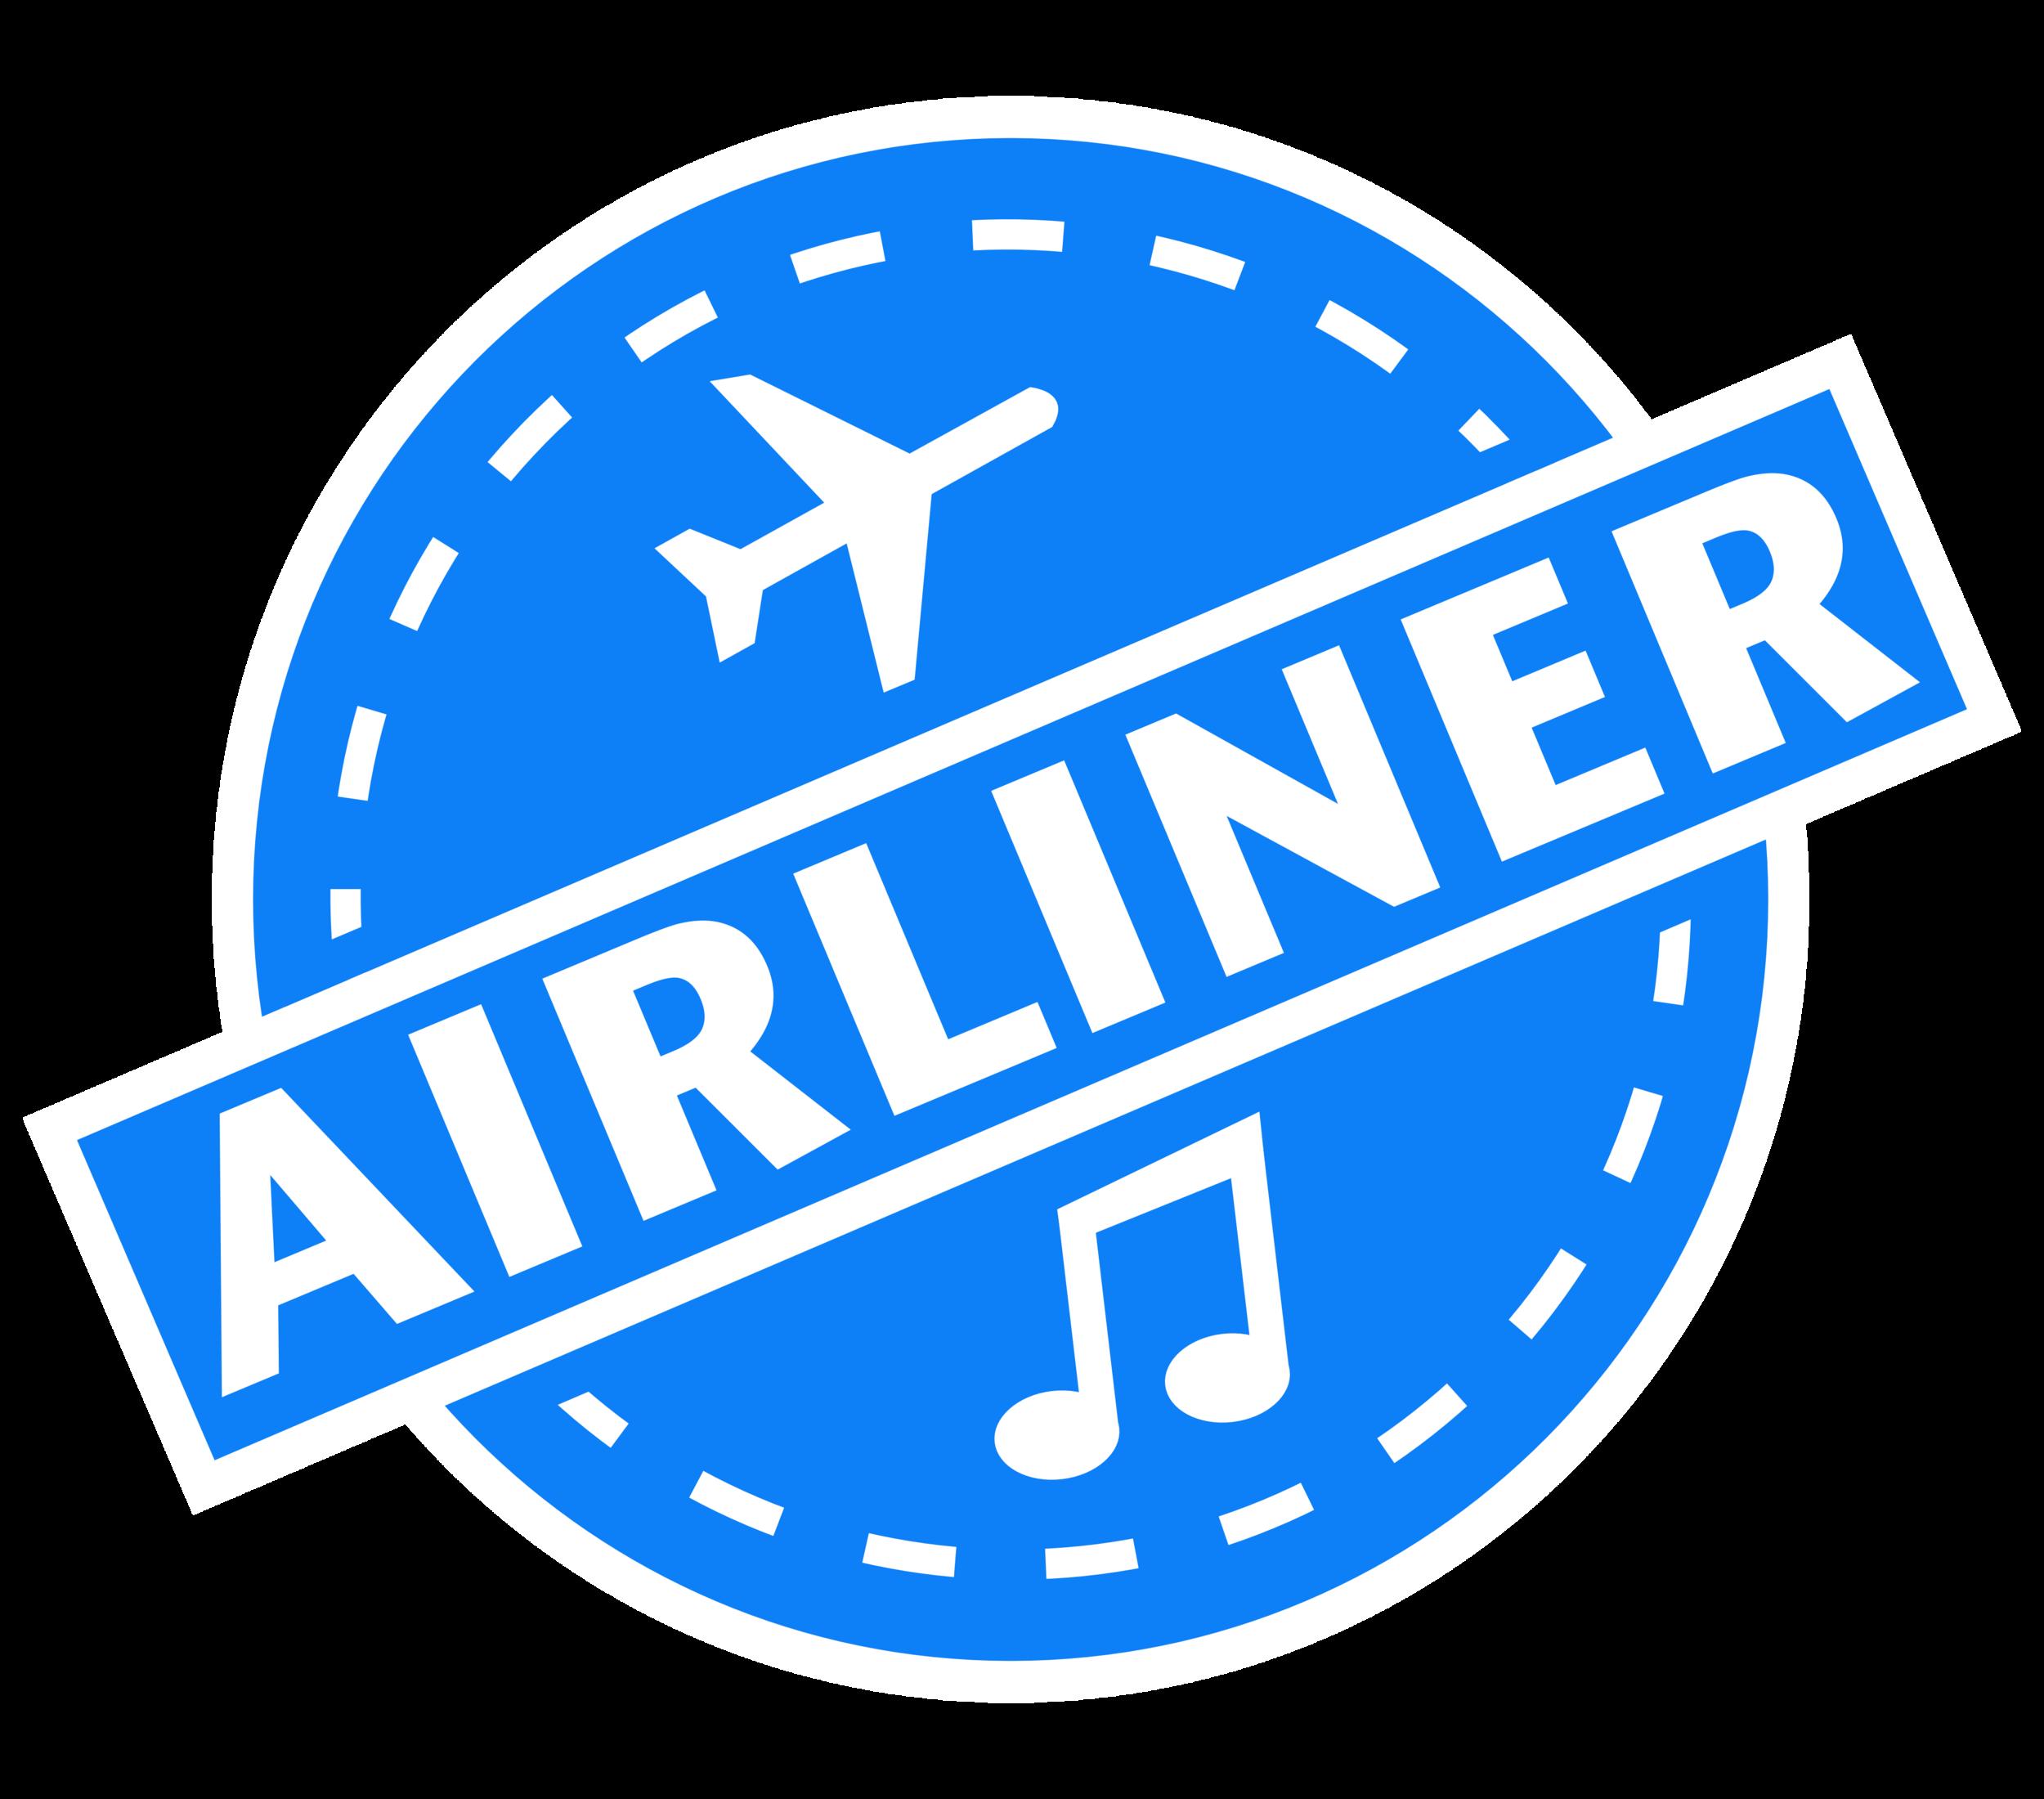 Airliner_logo-Transparent.png